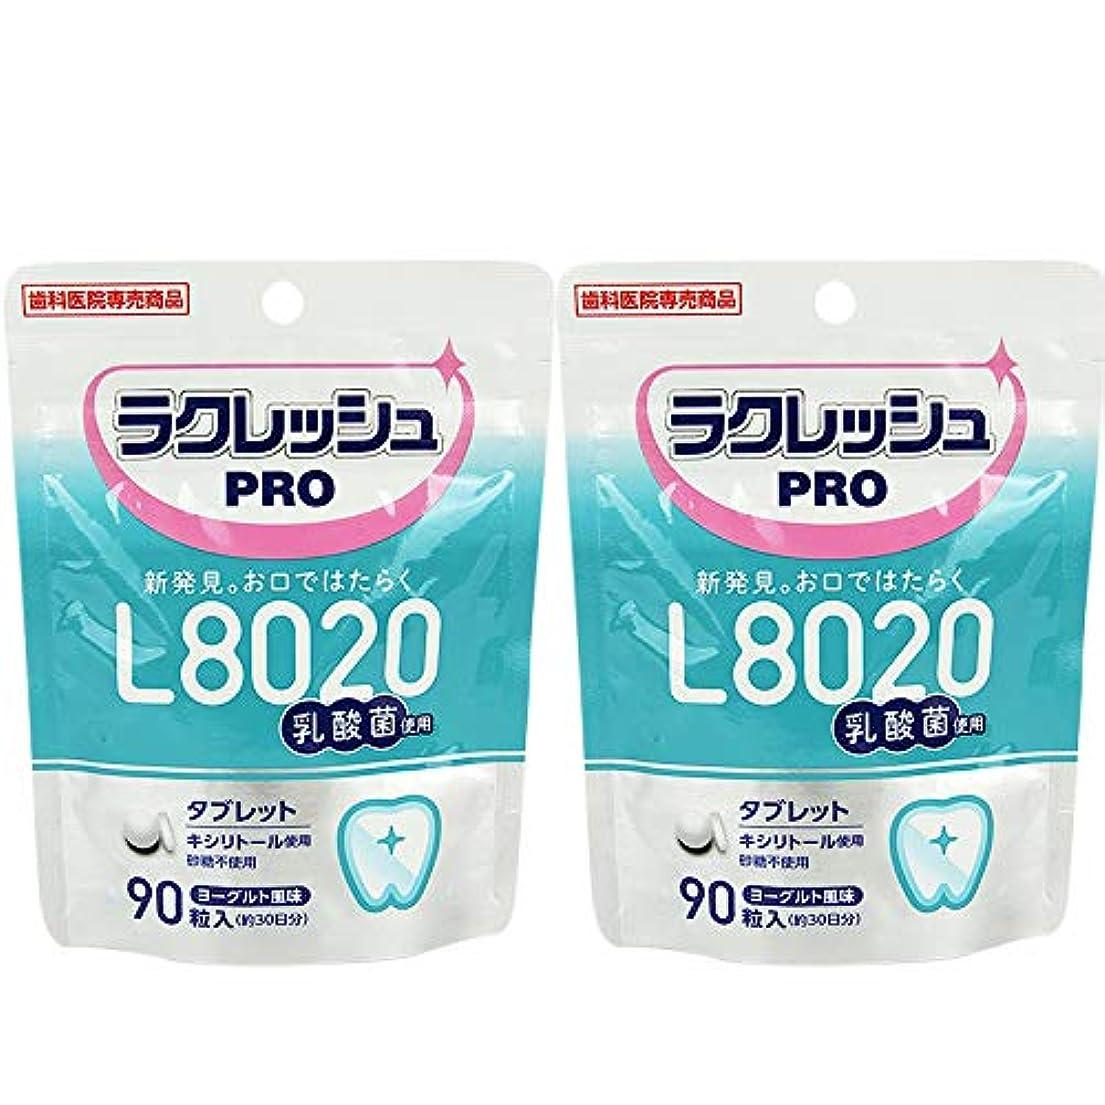 対話レモンモザイクL8020 乳酸菌 ラクレッシュ PRO タブレット 90粒 × 2個 歯科専売品